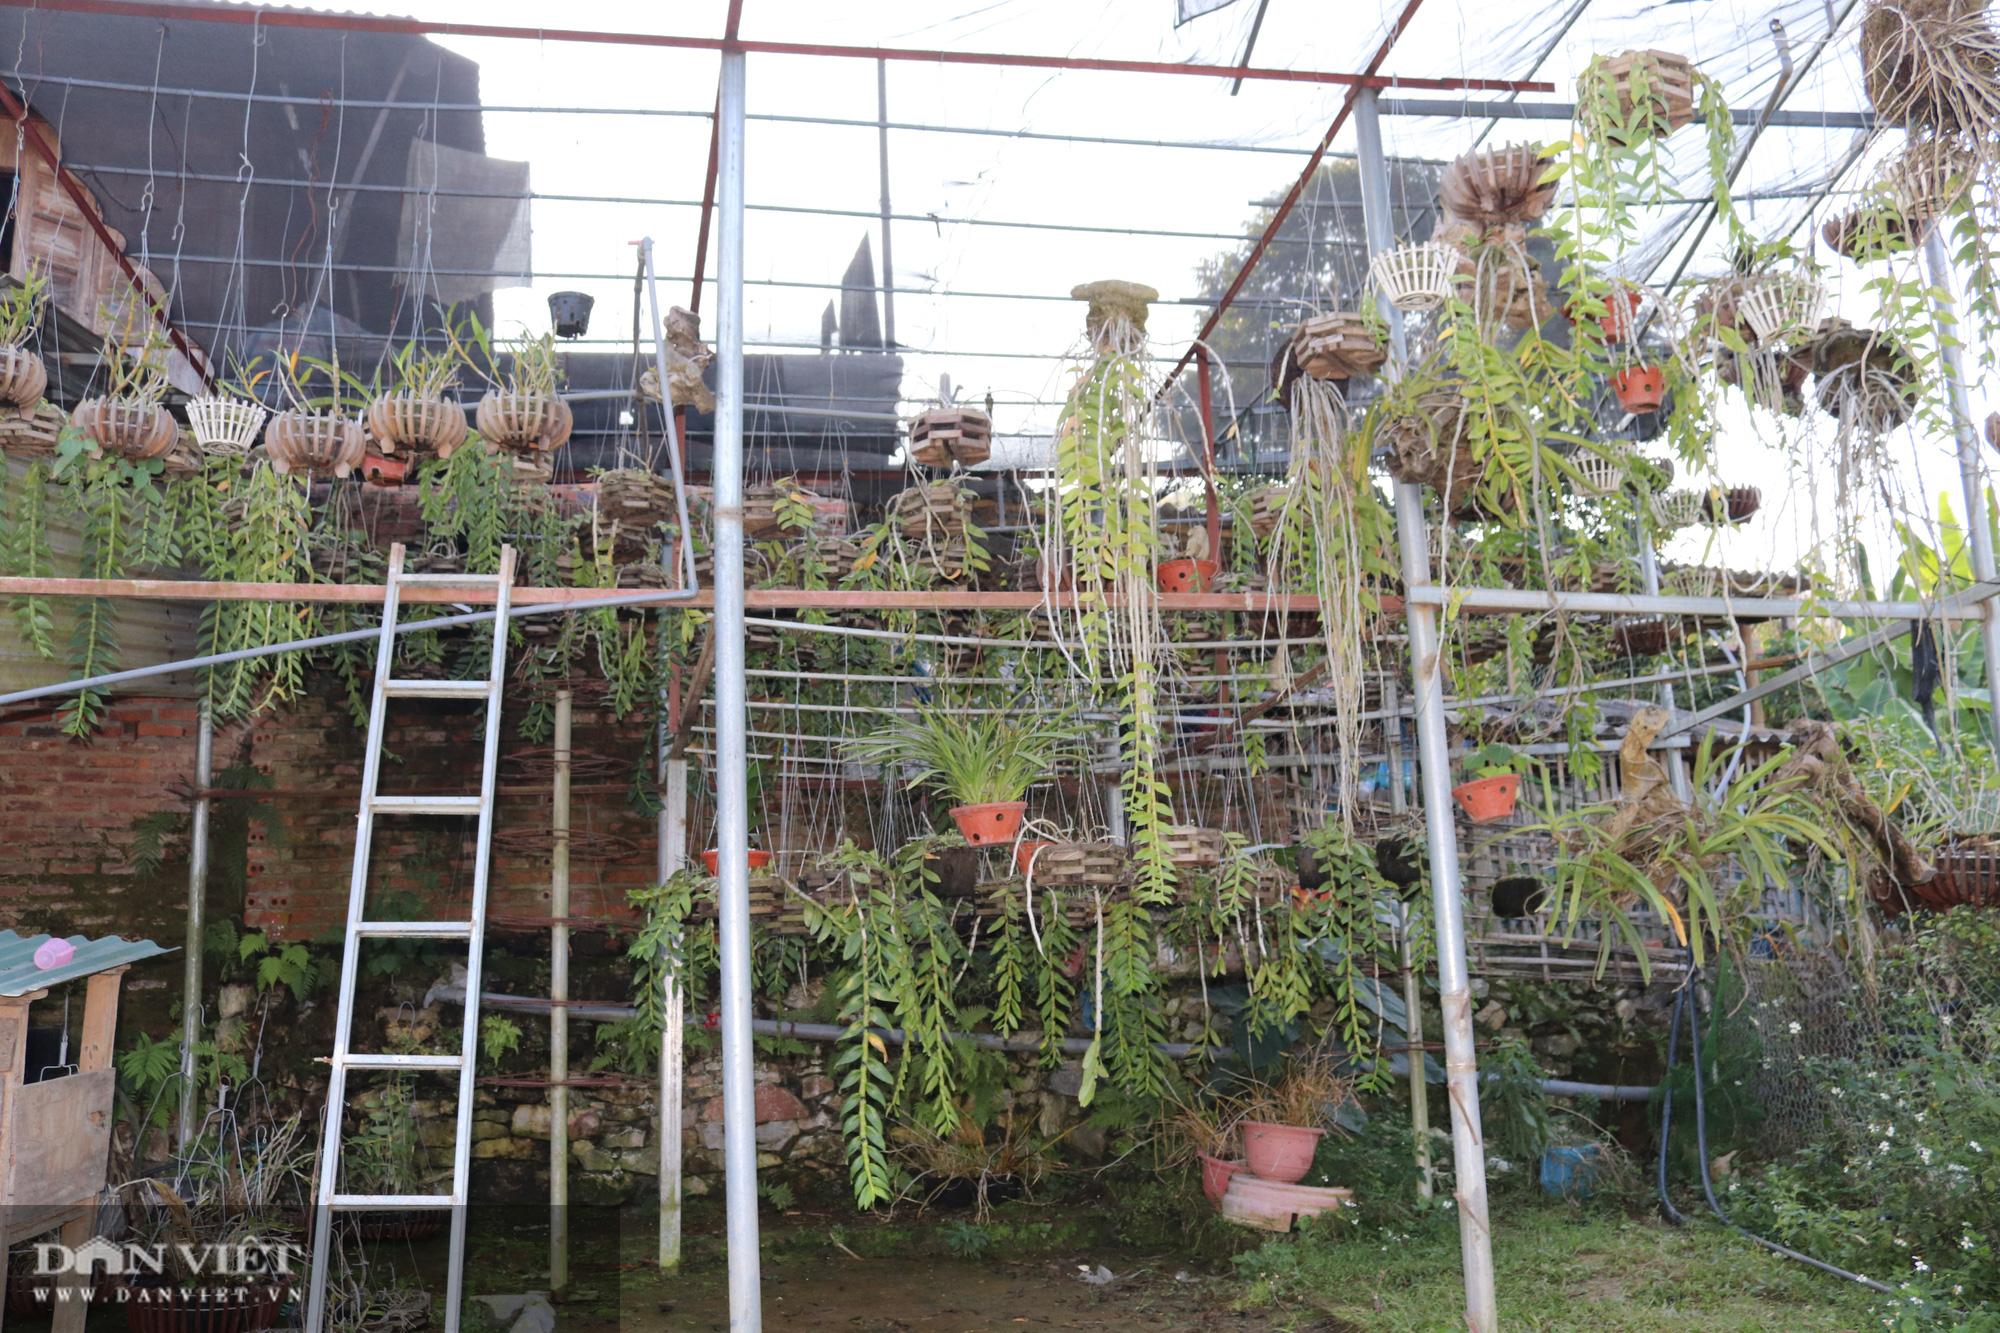 Gái Thái thu hơn 500 triệu đồng mỗi năm từ trồng lan rừng - Ảnh 5.